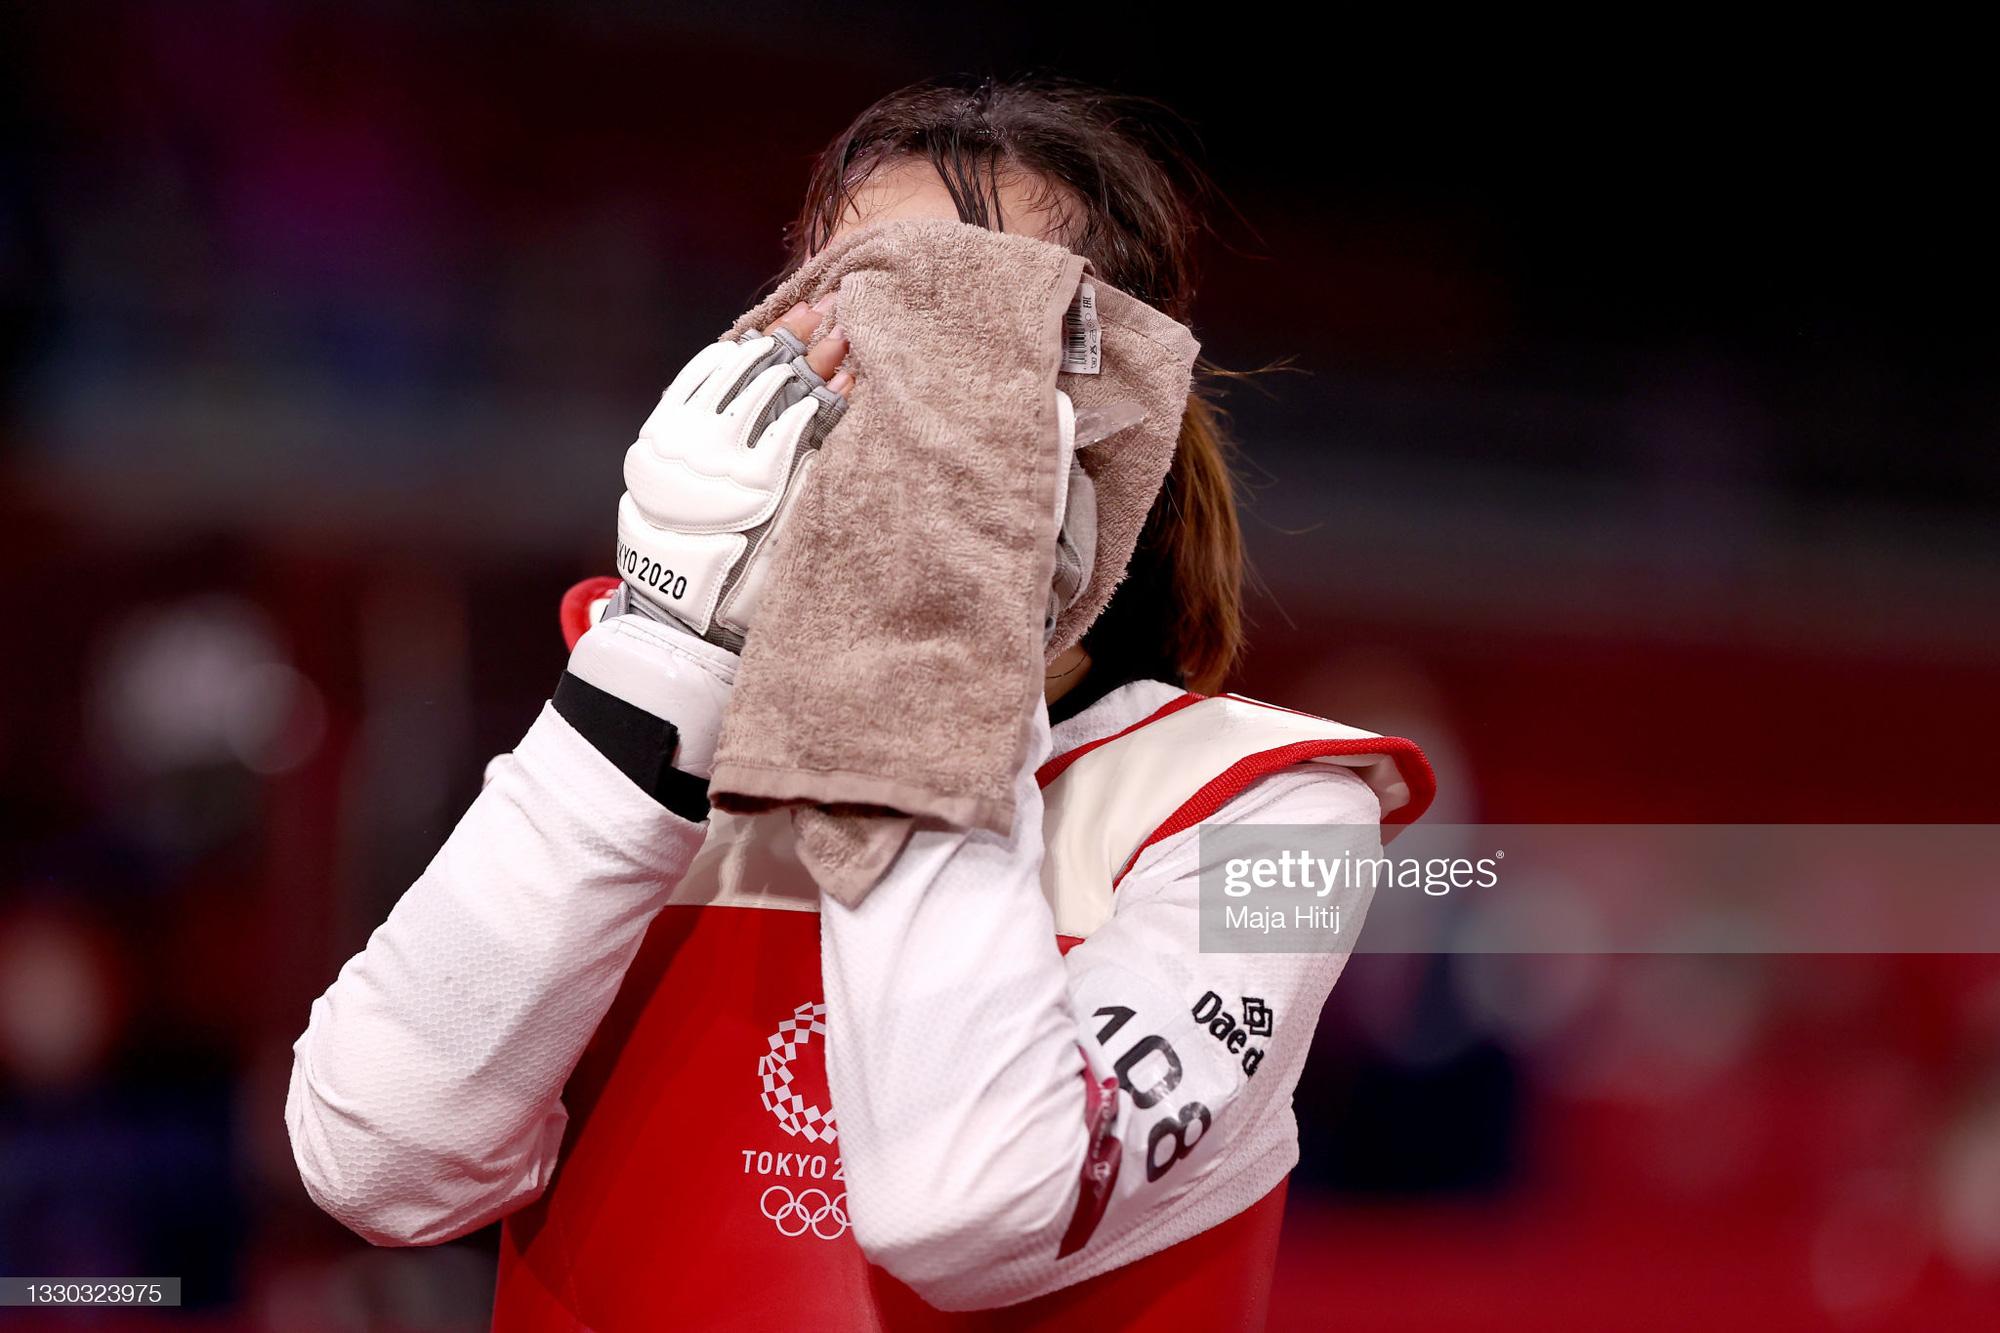 Nỗ lực đến đổ máu, Kim Tuyền (Taekwondo) phải dừng bước tiếc nuối ở Olympic Tokyo 2020 - Ảnh 11.